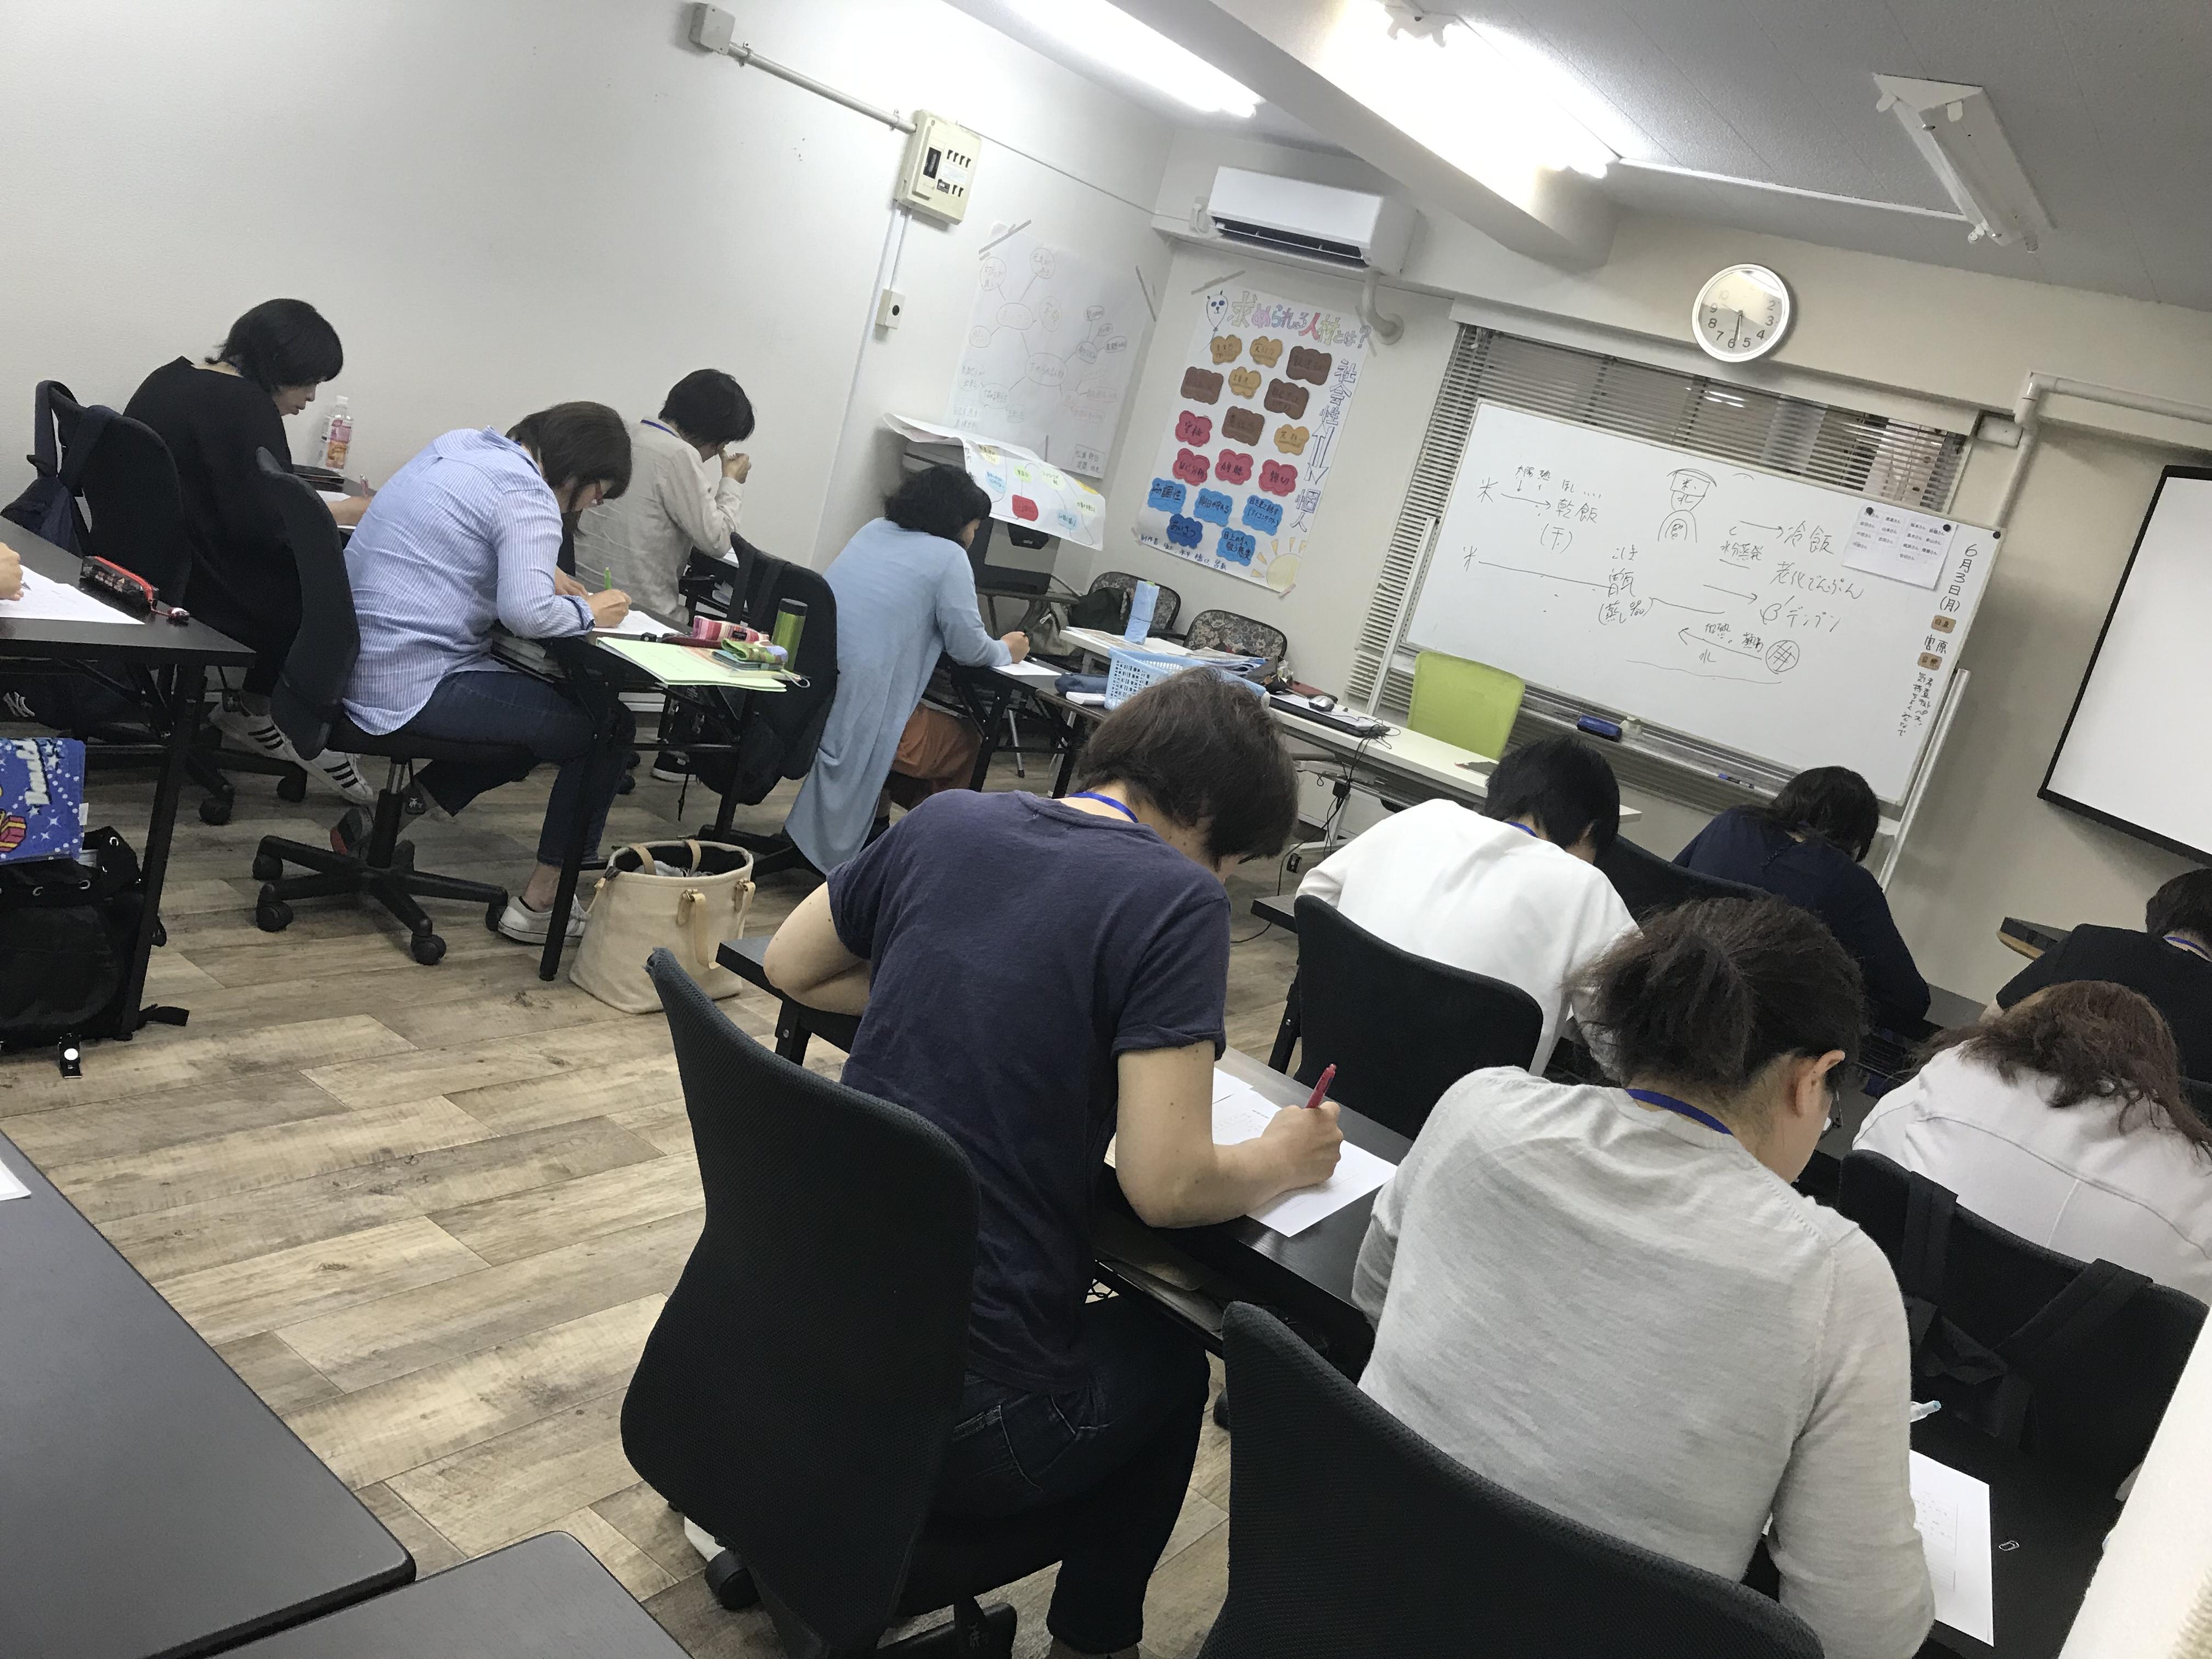 職業訓練ライブビジネス校フードビジネス科の授業